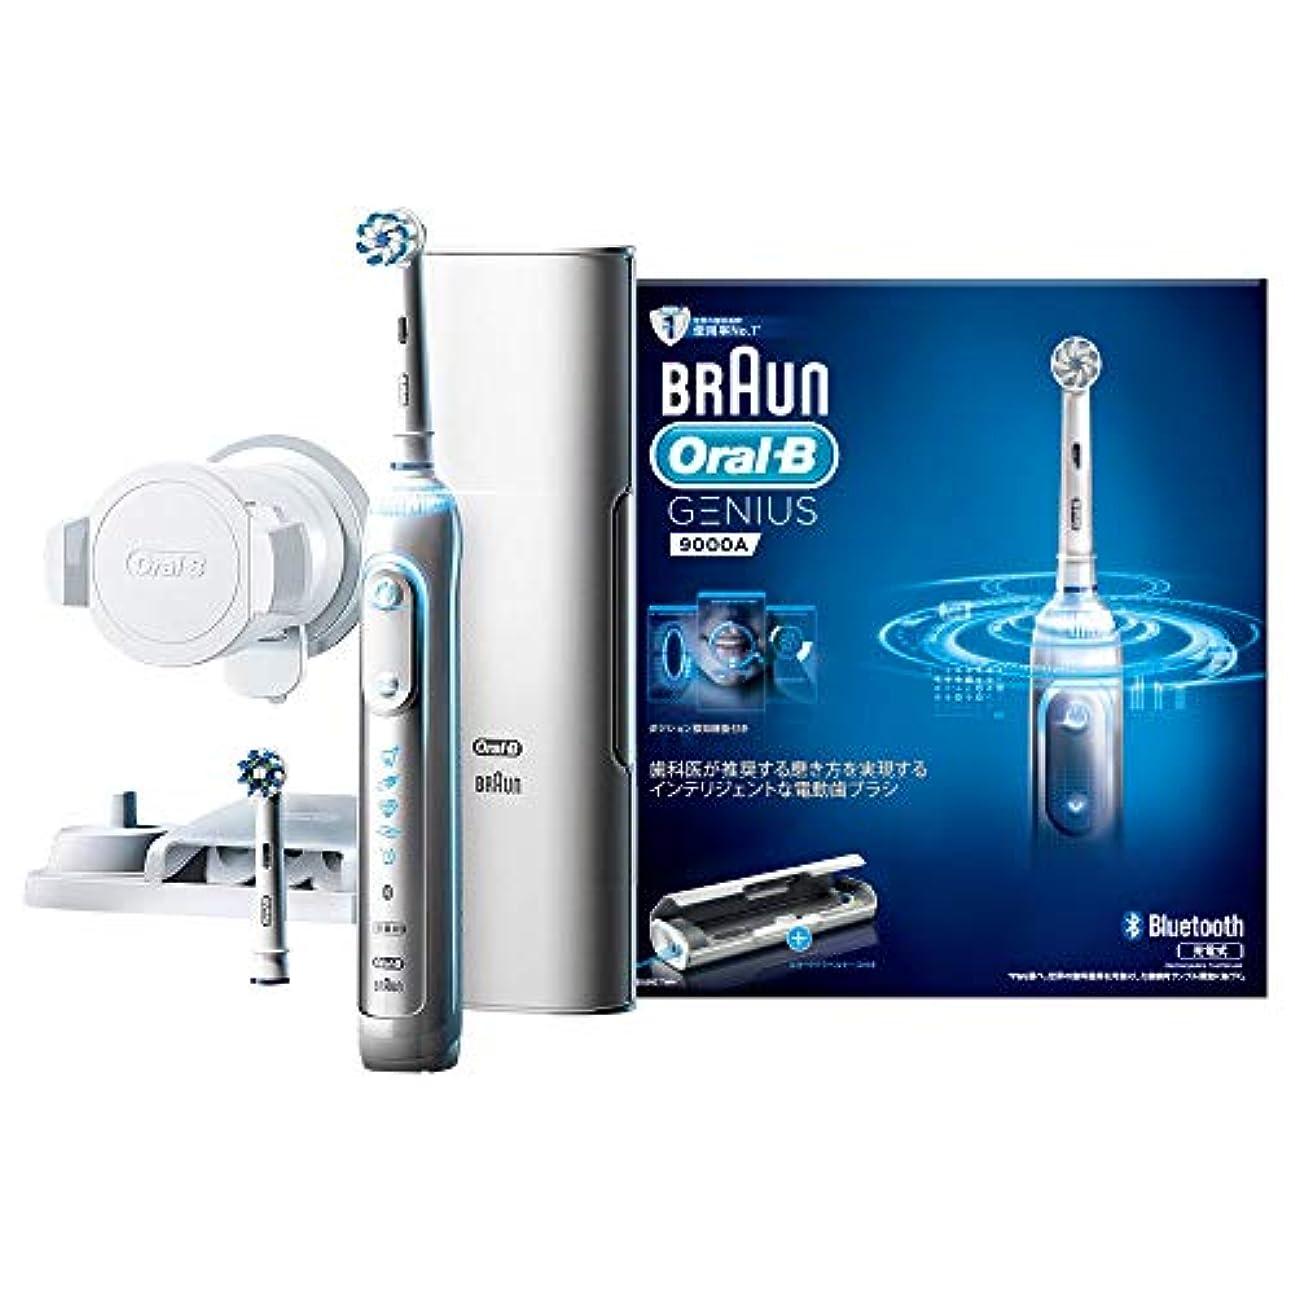 不足肺炎レンズブラウン オーラルB 電動歯ブラシ ジーニアス9000 ホワイト D7015256XCTWH